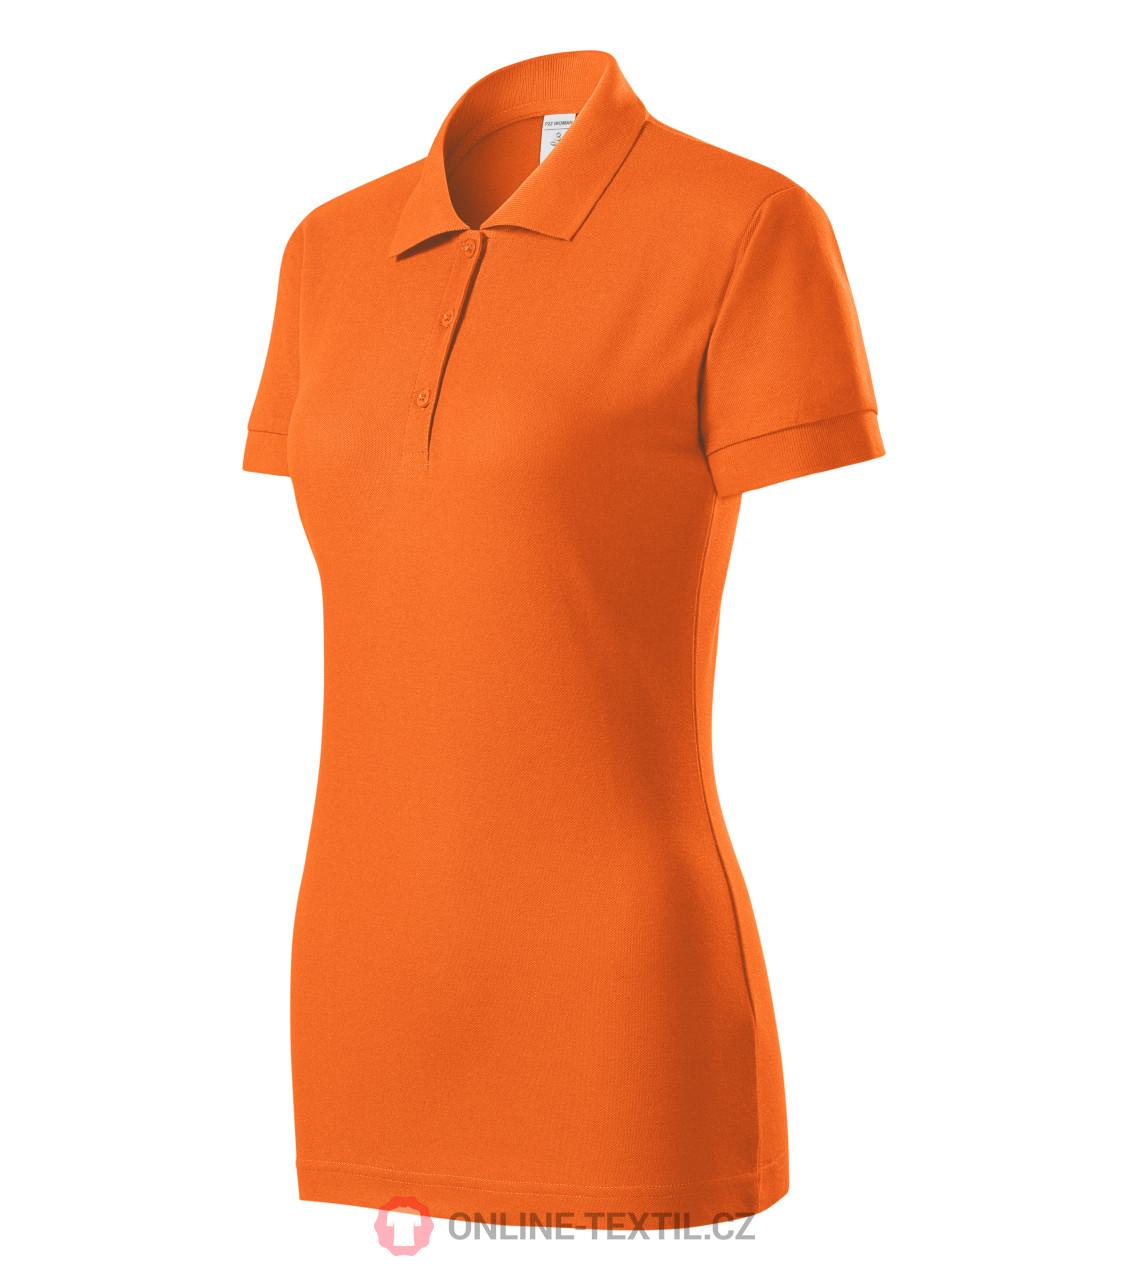 ladies orange polo shirt